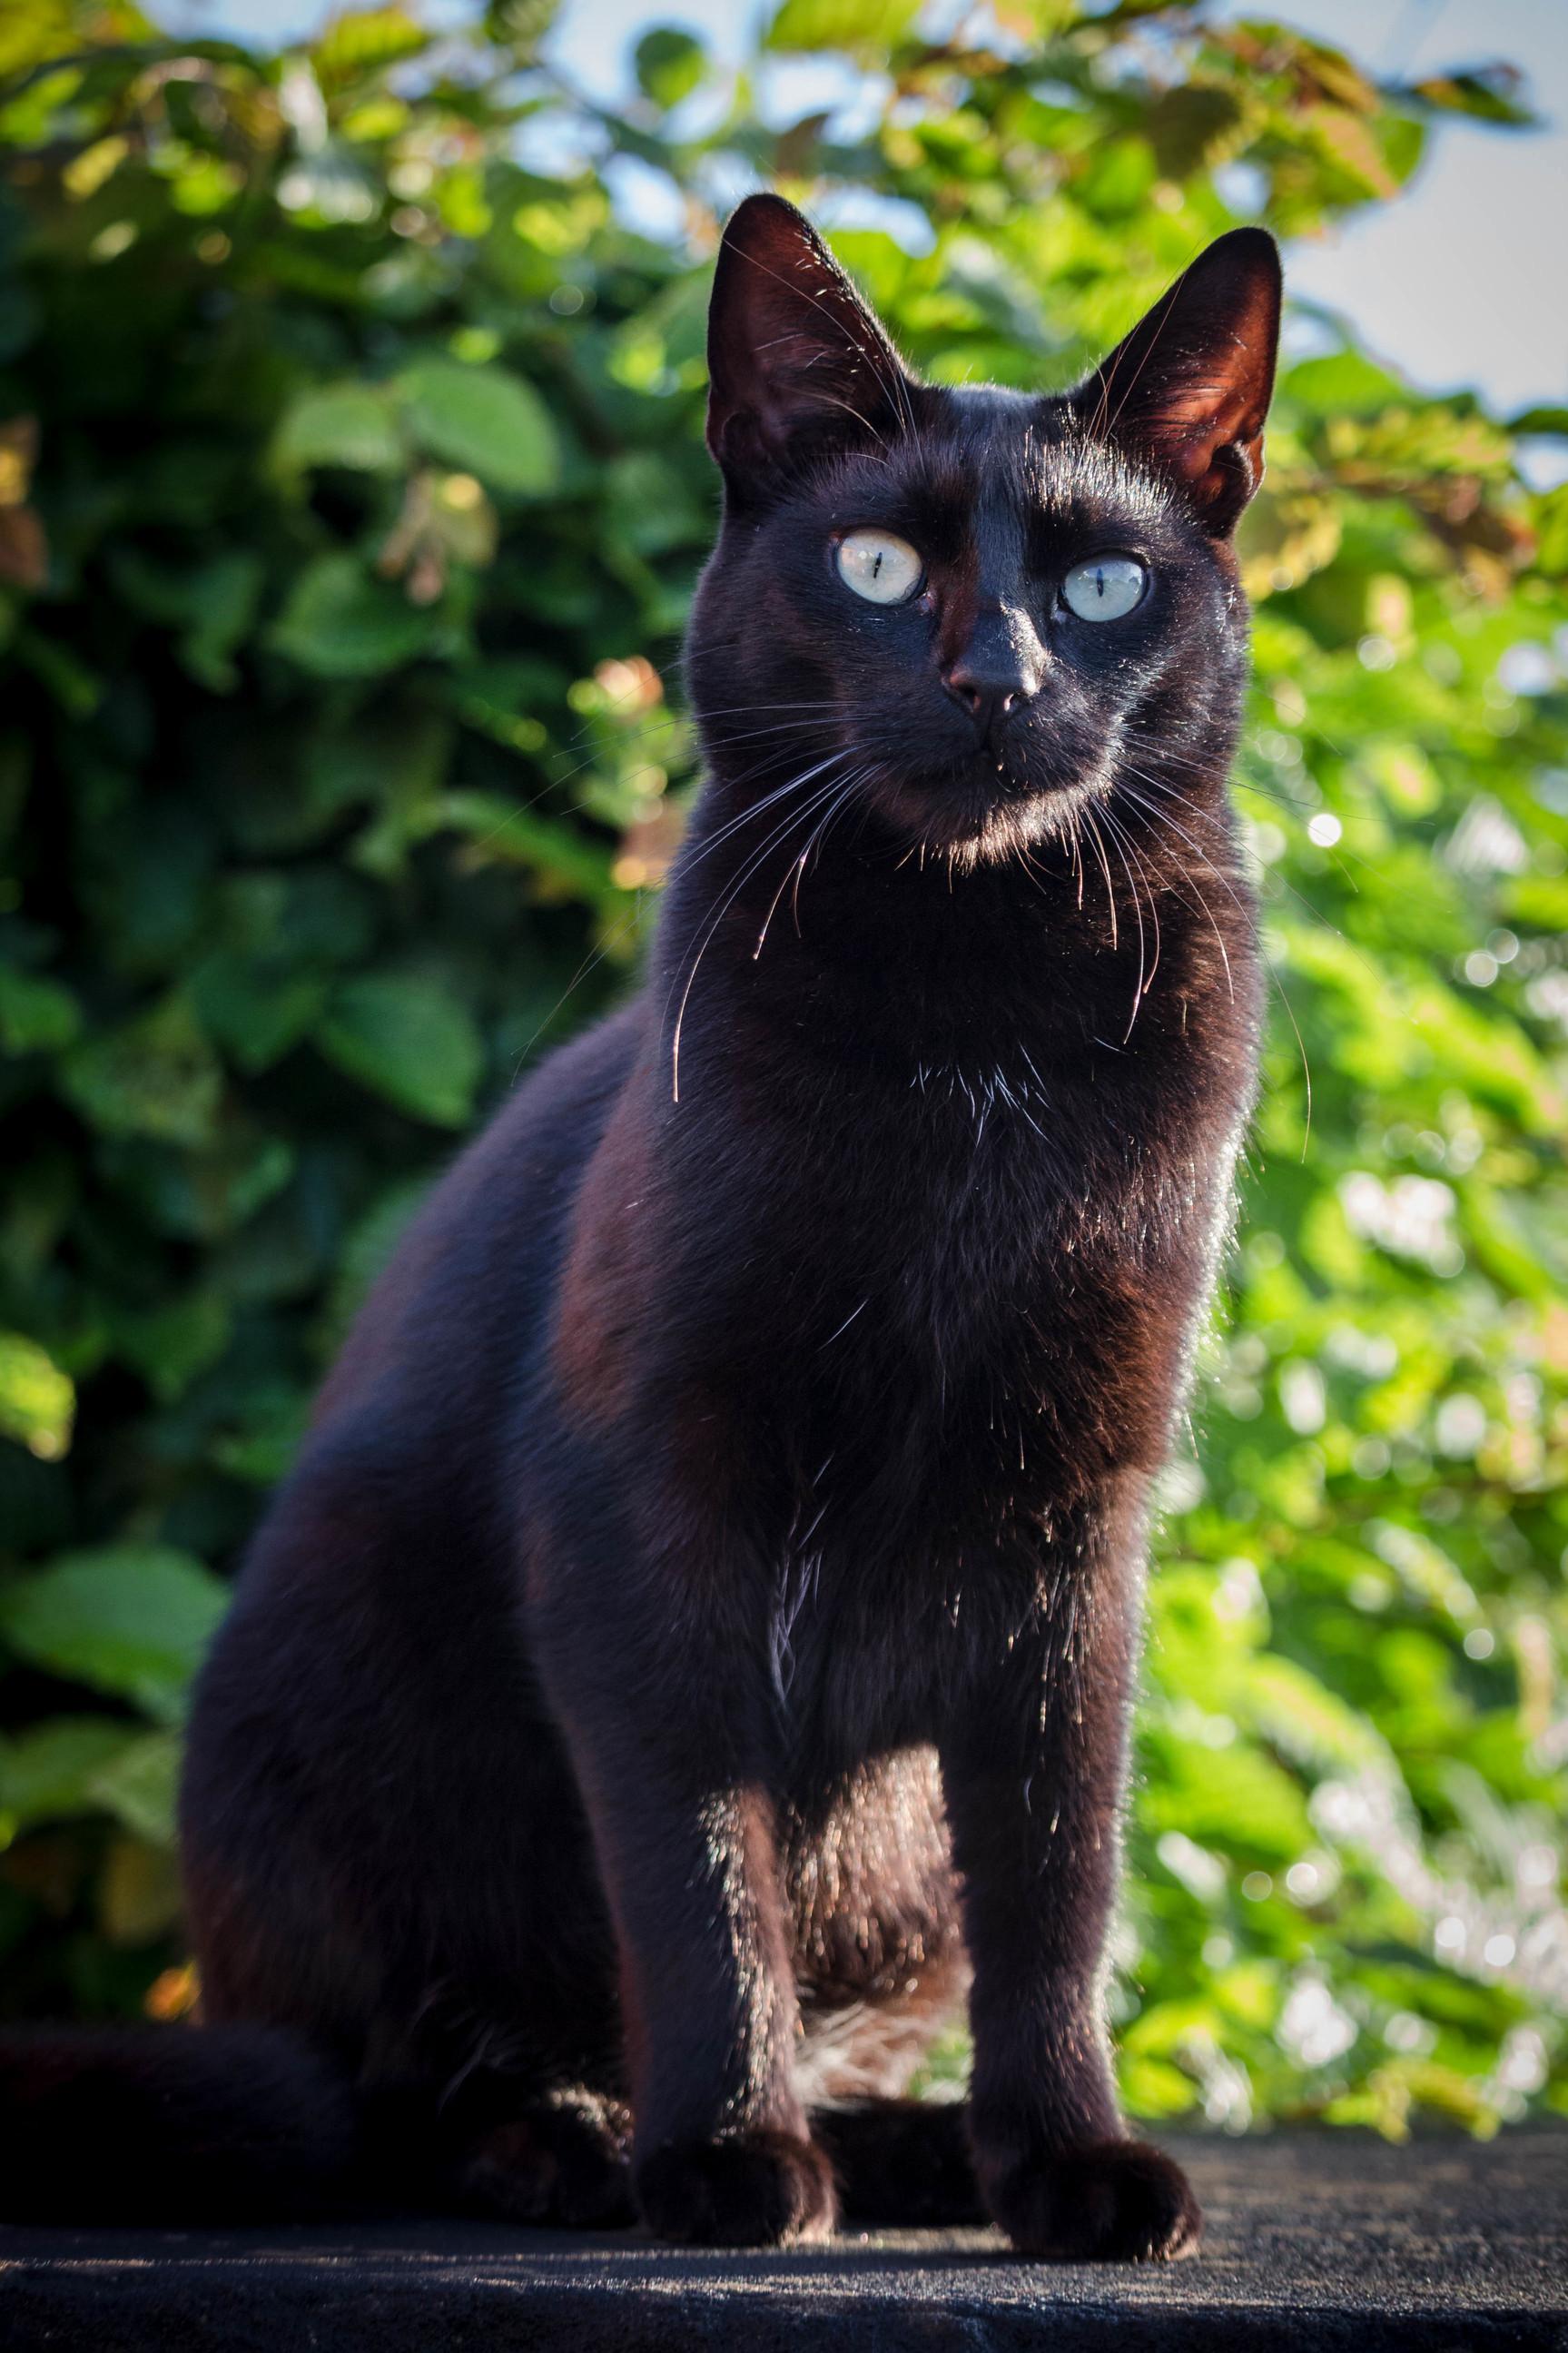 Our half blind 2 jear old cat jack.